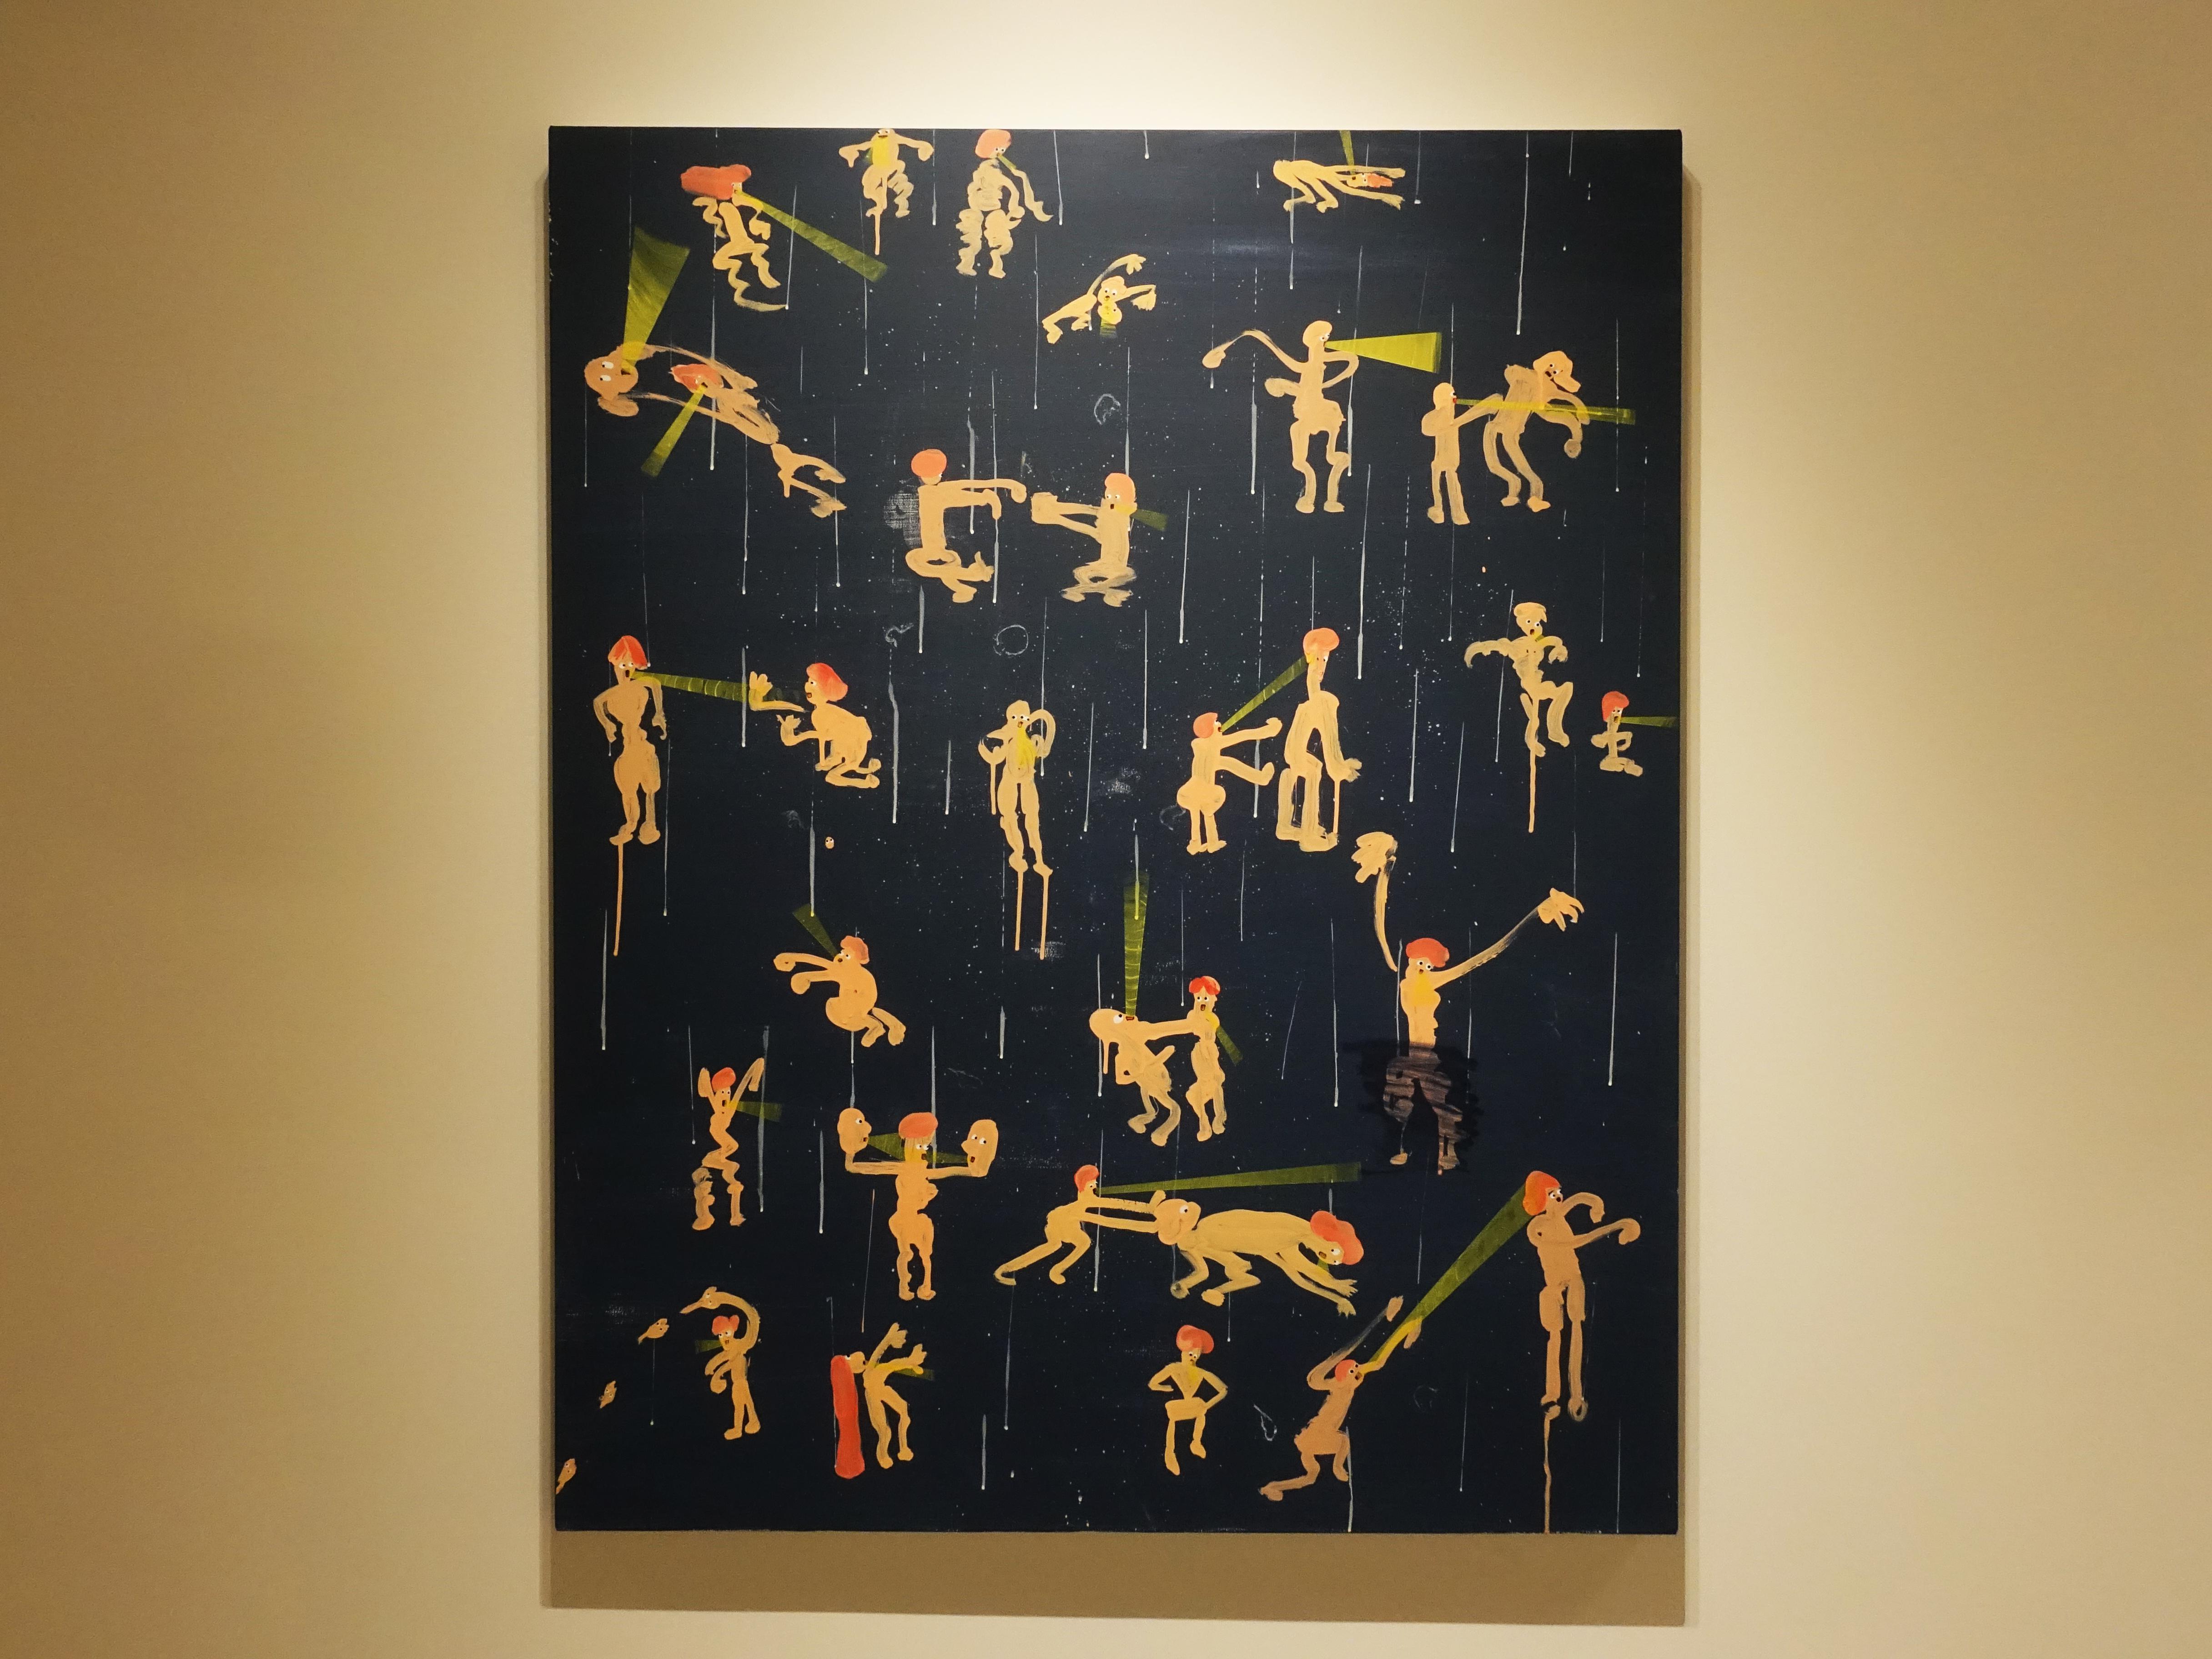 蕭筑方,《你如果真的在乎我》,162 x 130cm,壓克力顏料、畫布,2019。